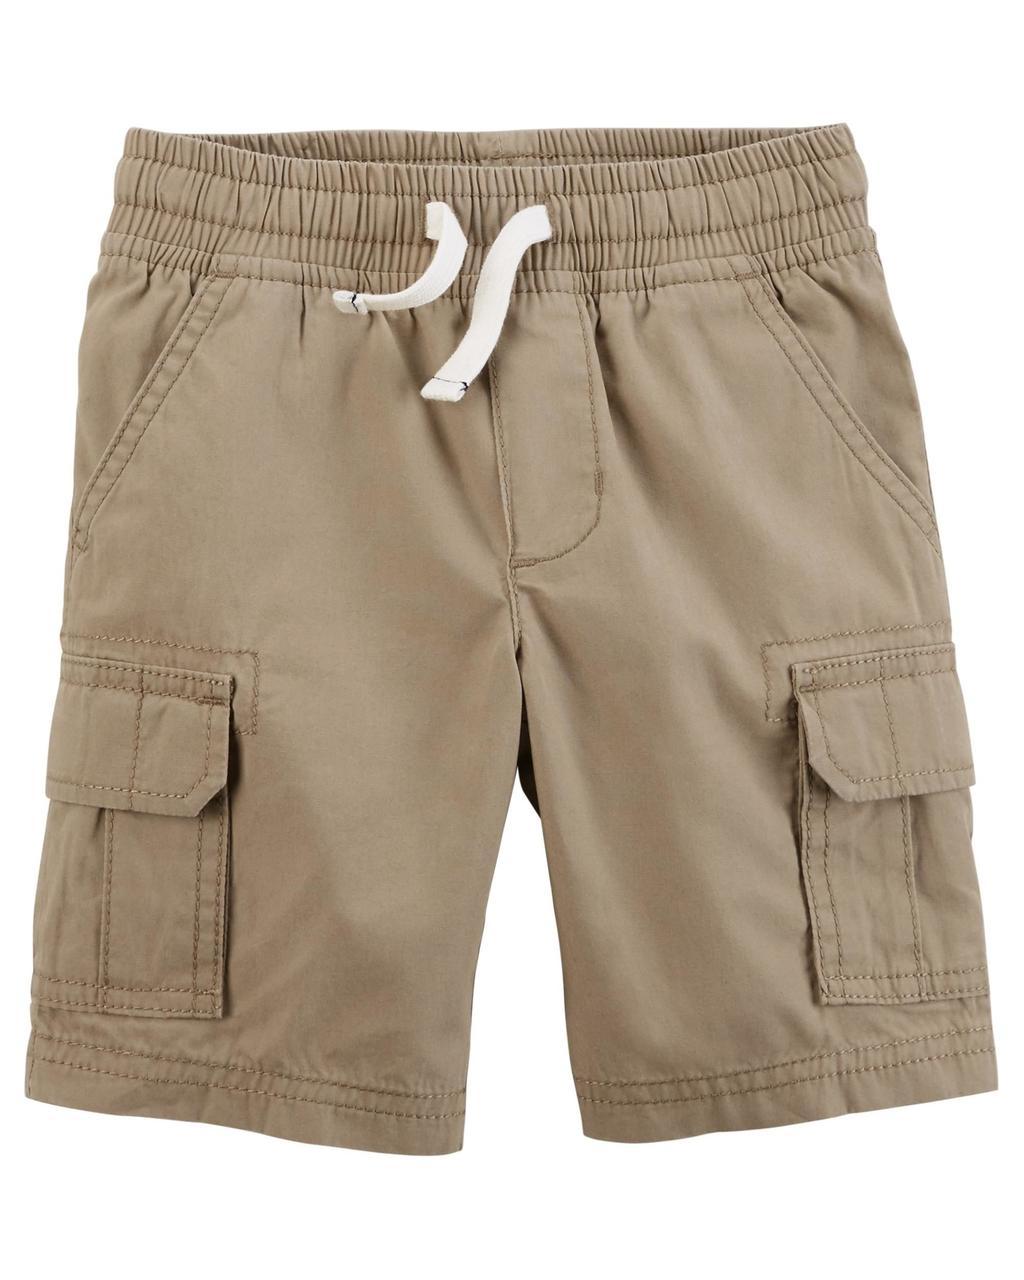 Carters шорты для мальчиков 0-24M